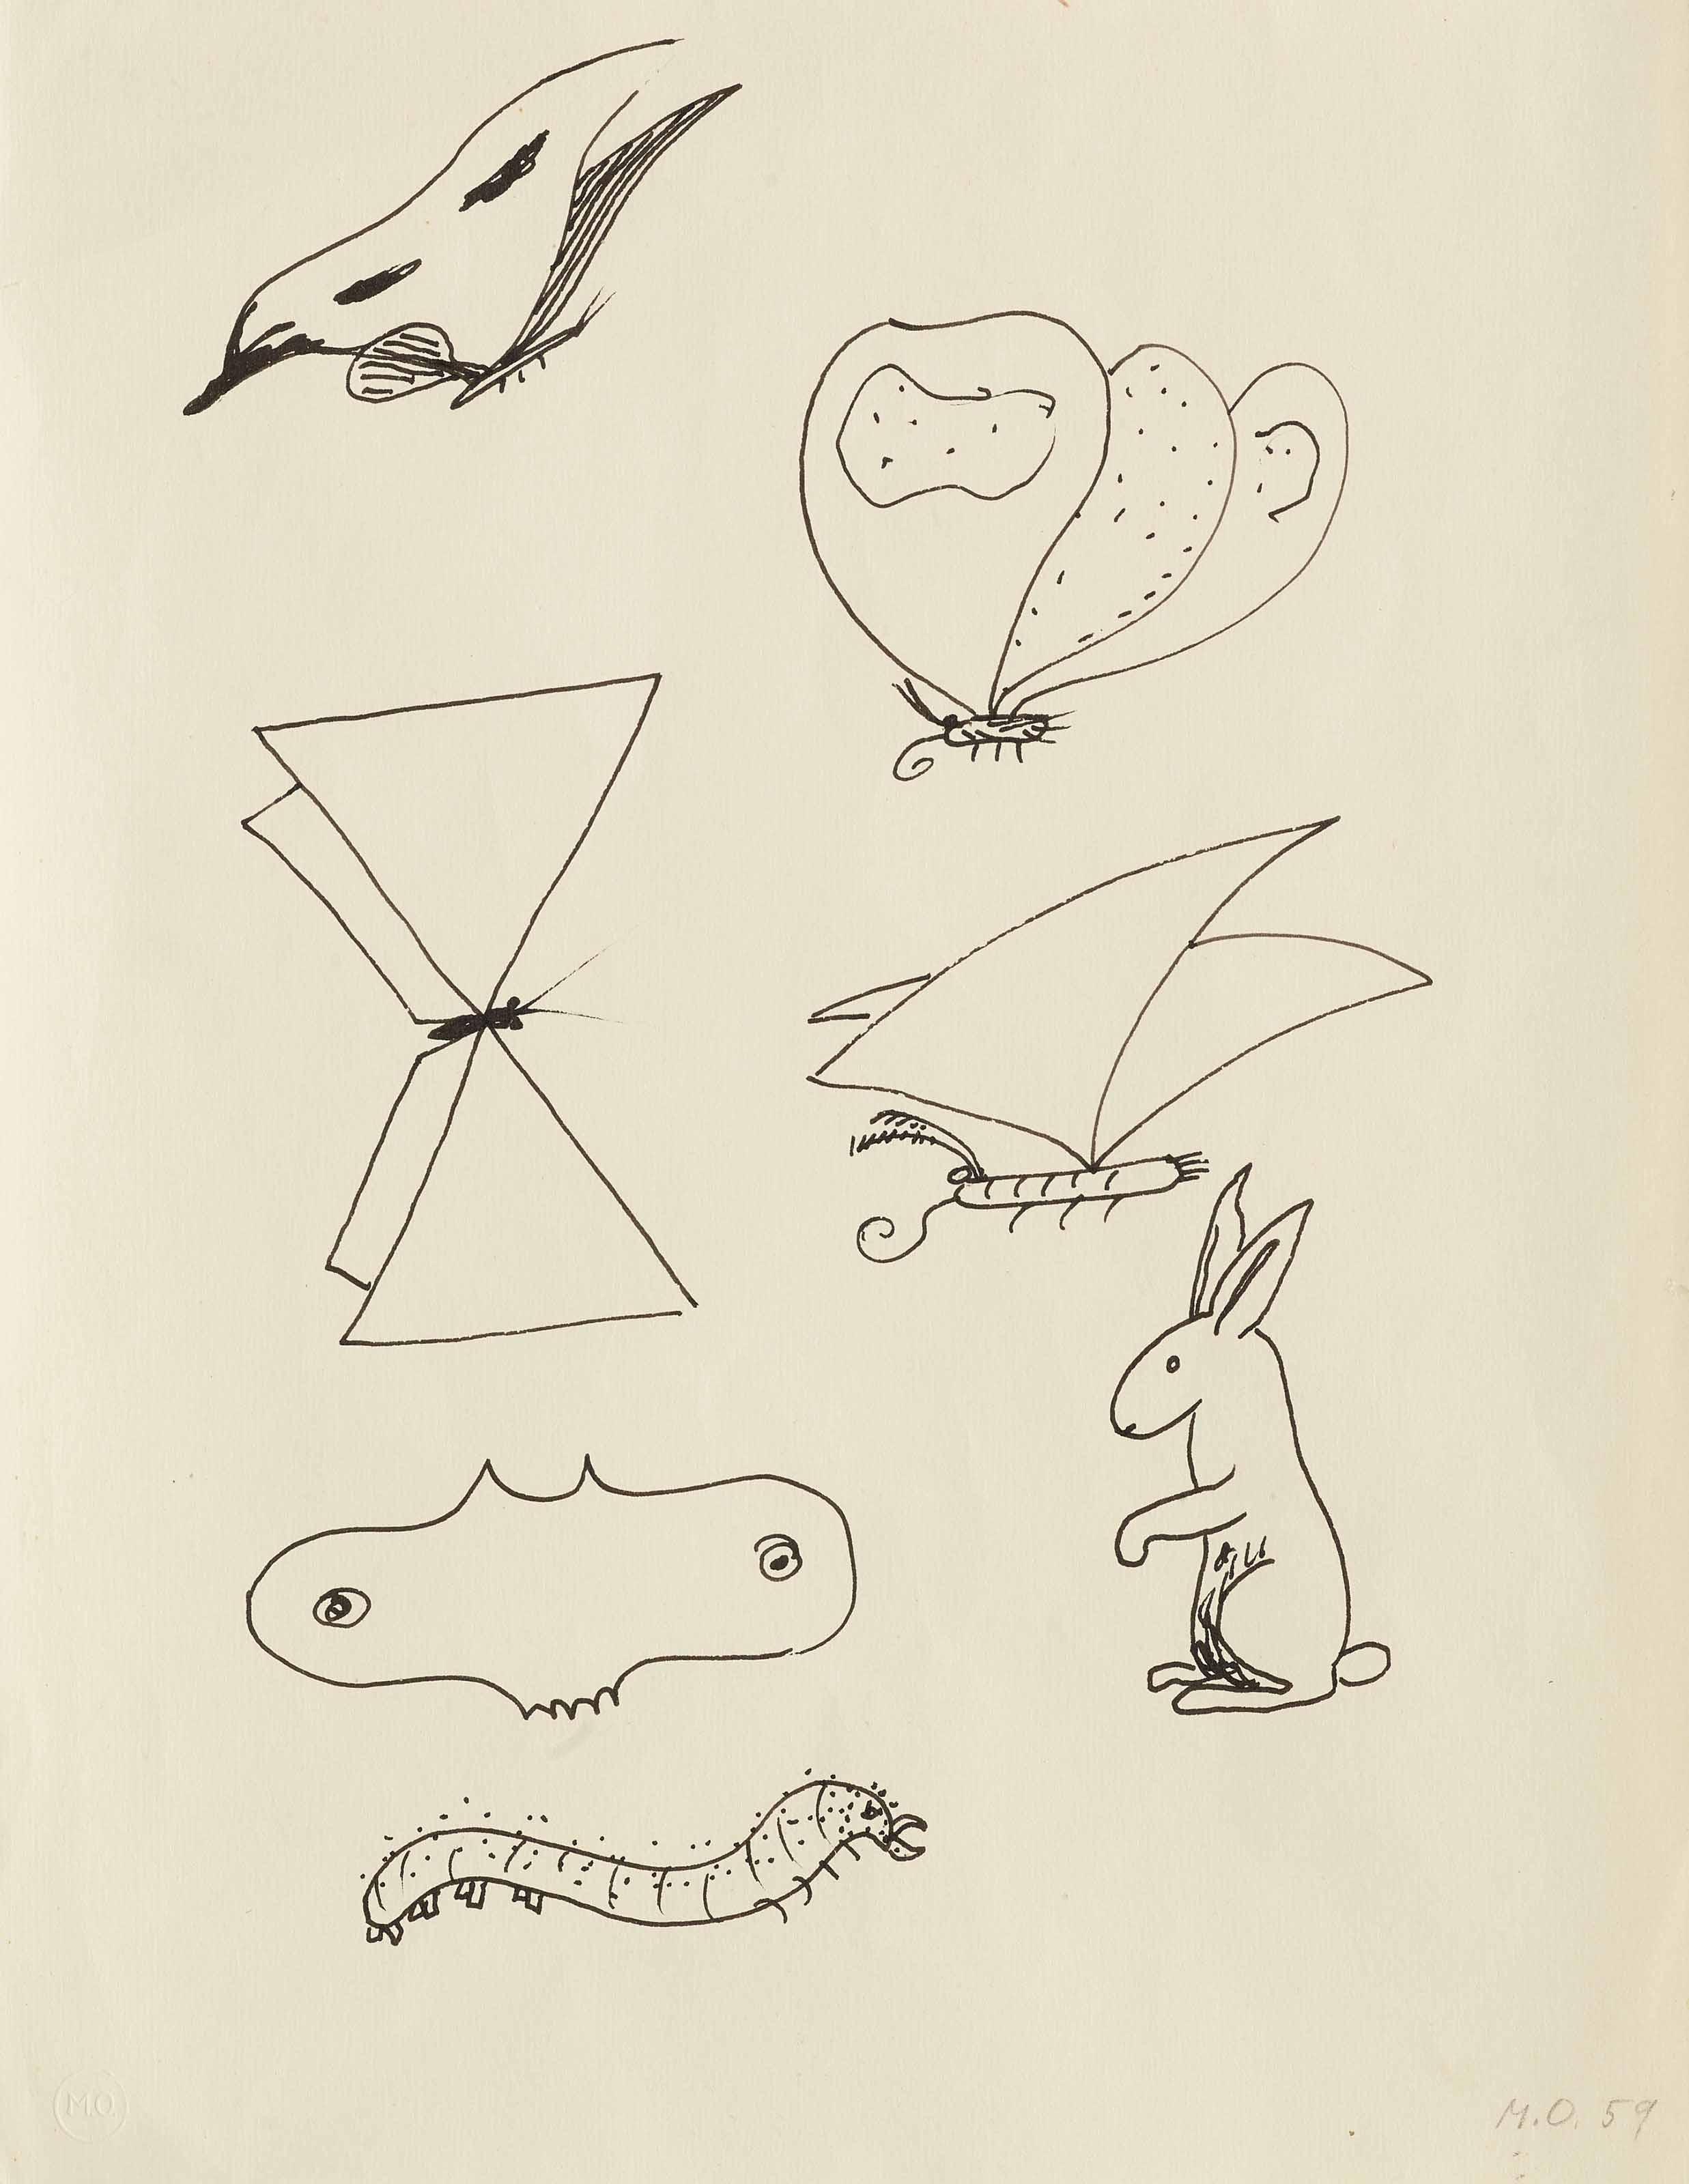 Fünf Schmetterlinge, eine Raupe, ein Hase, 1959